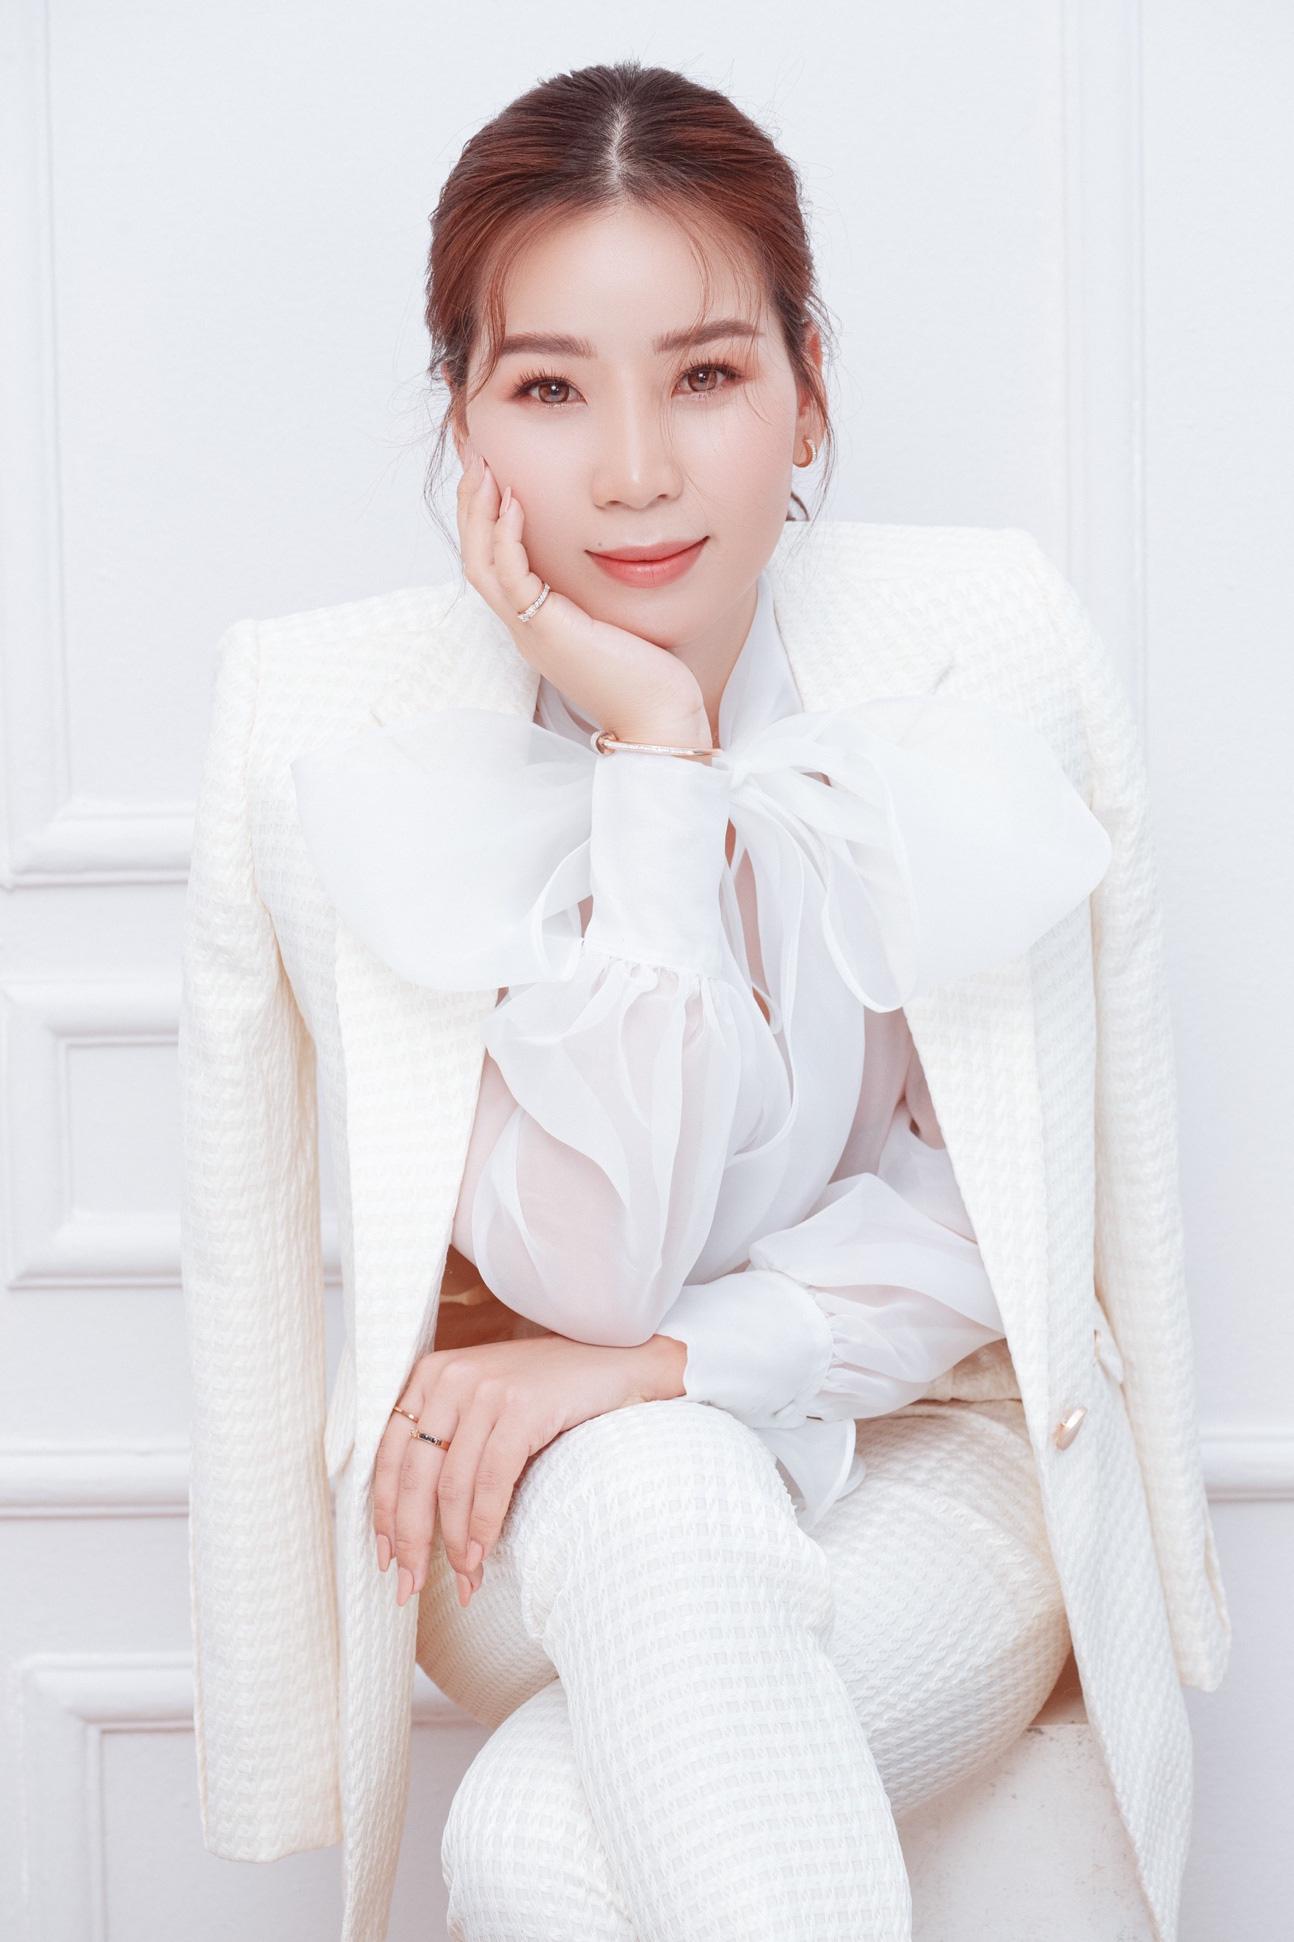 """Bật mí bí quyết """"sinh tồn"""" ở Hàn Quốc của nữ doanh nhân trẻ - Ảnh 3."""